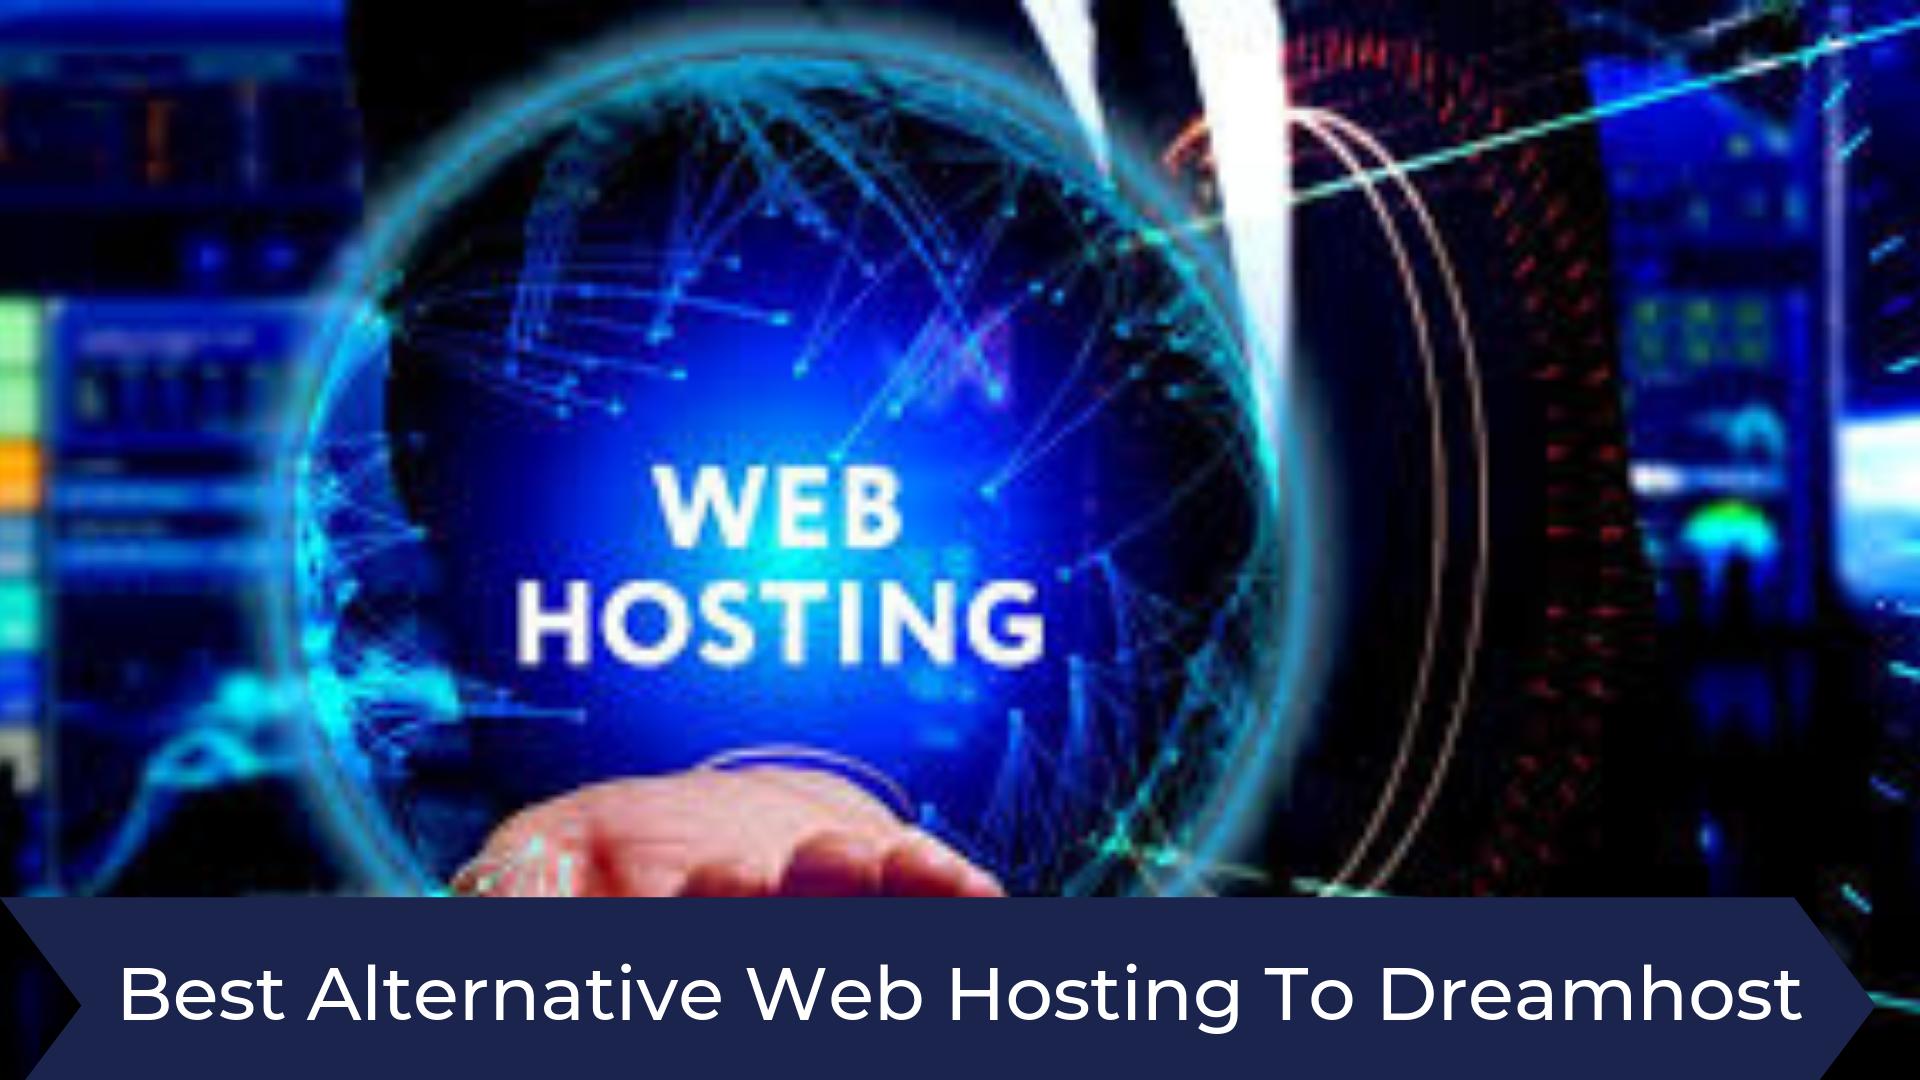 Better Alternative To Dreamhost Website Hosting